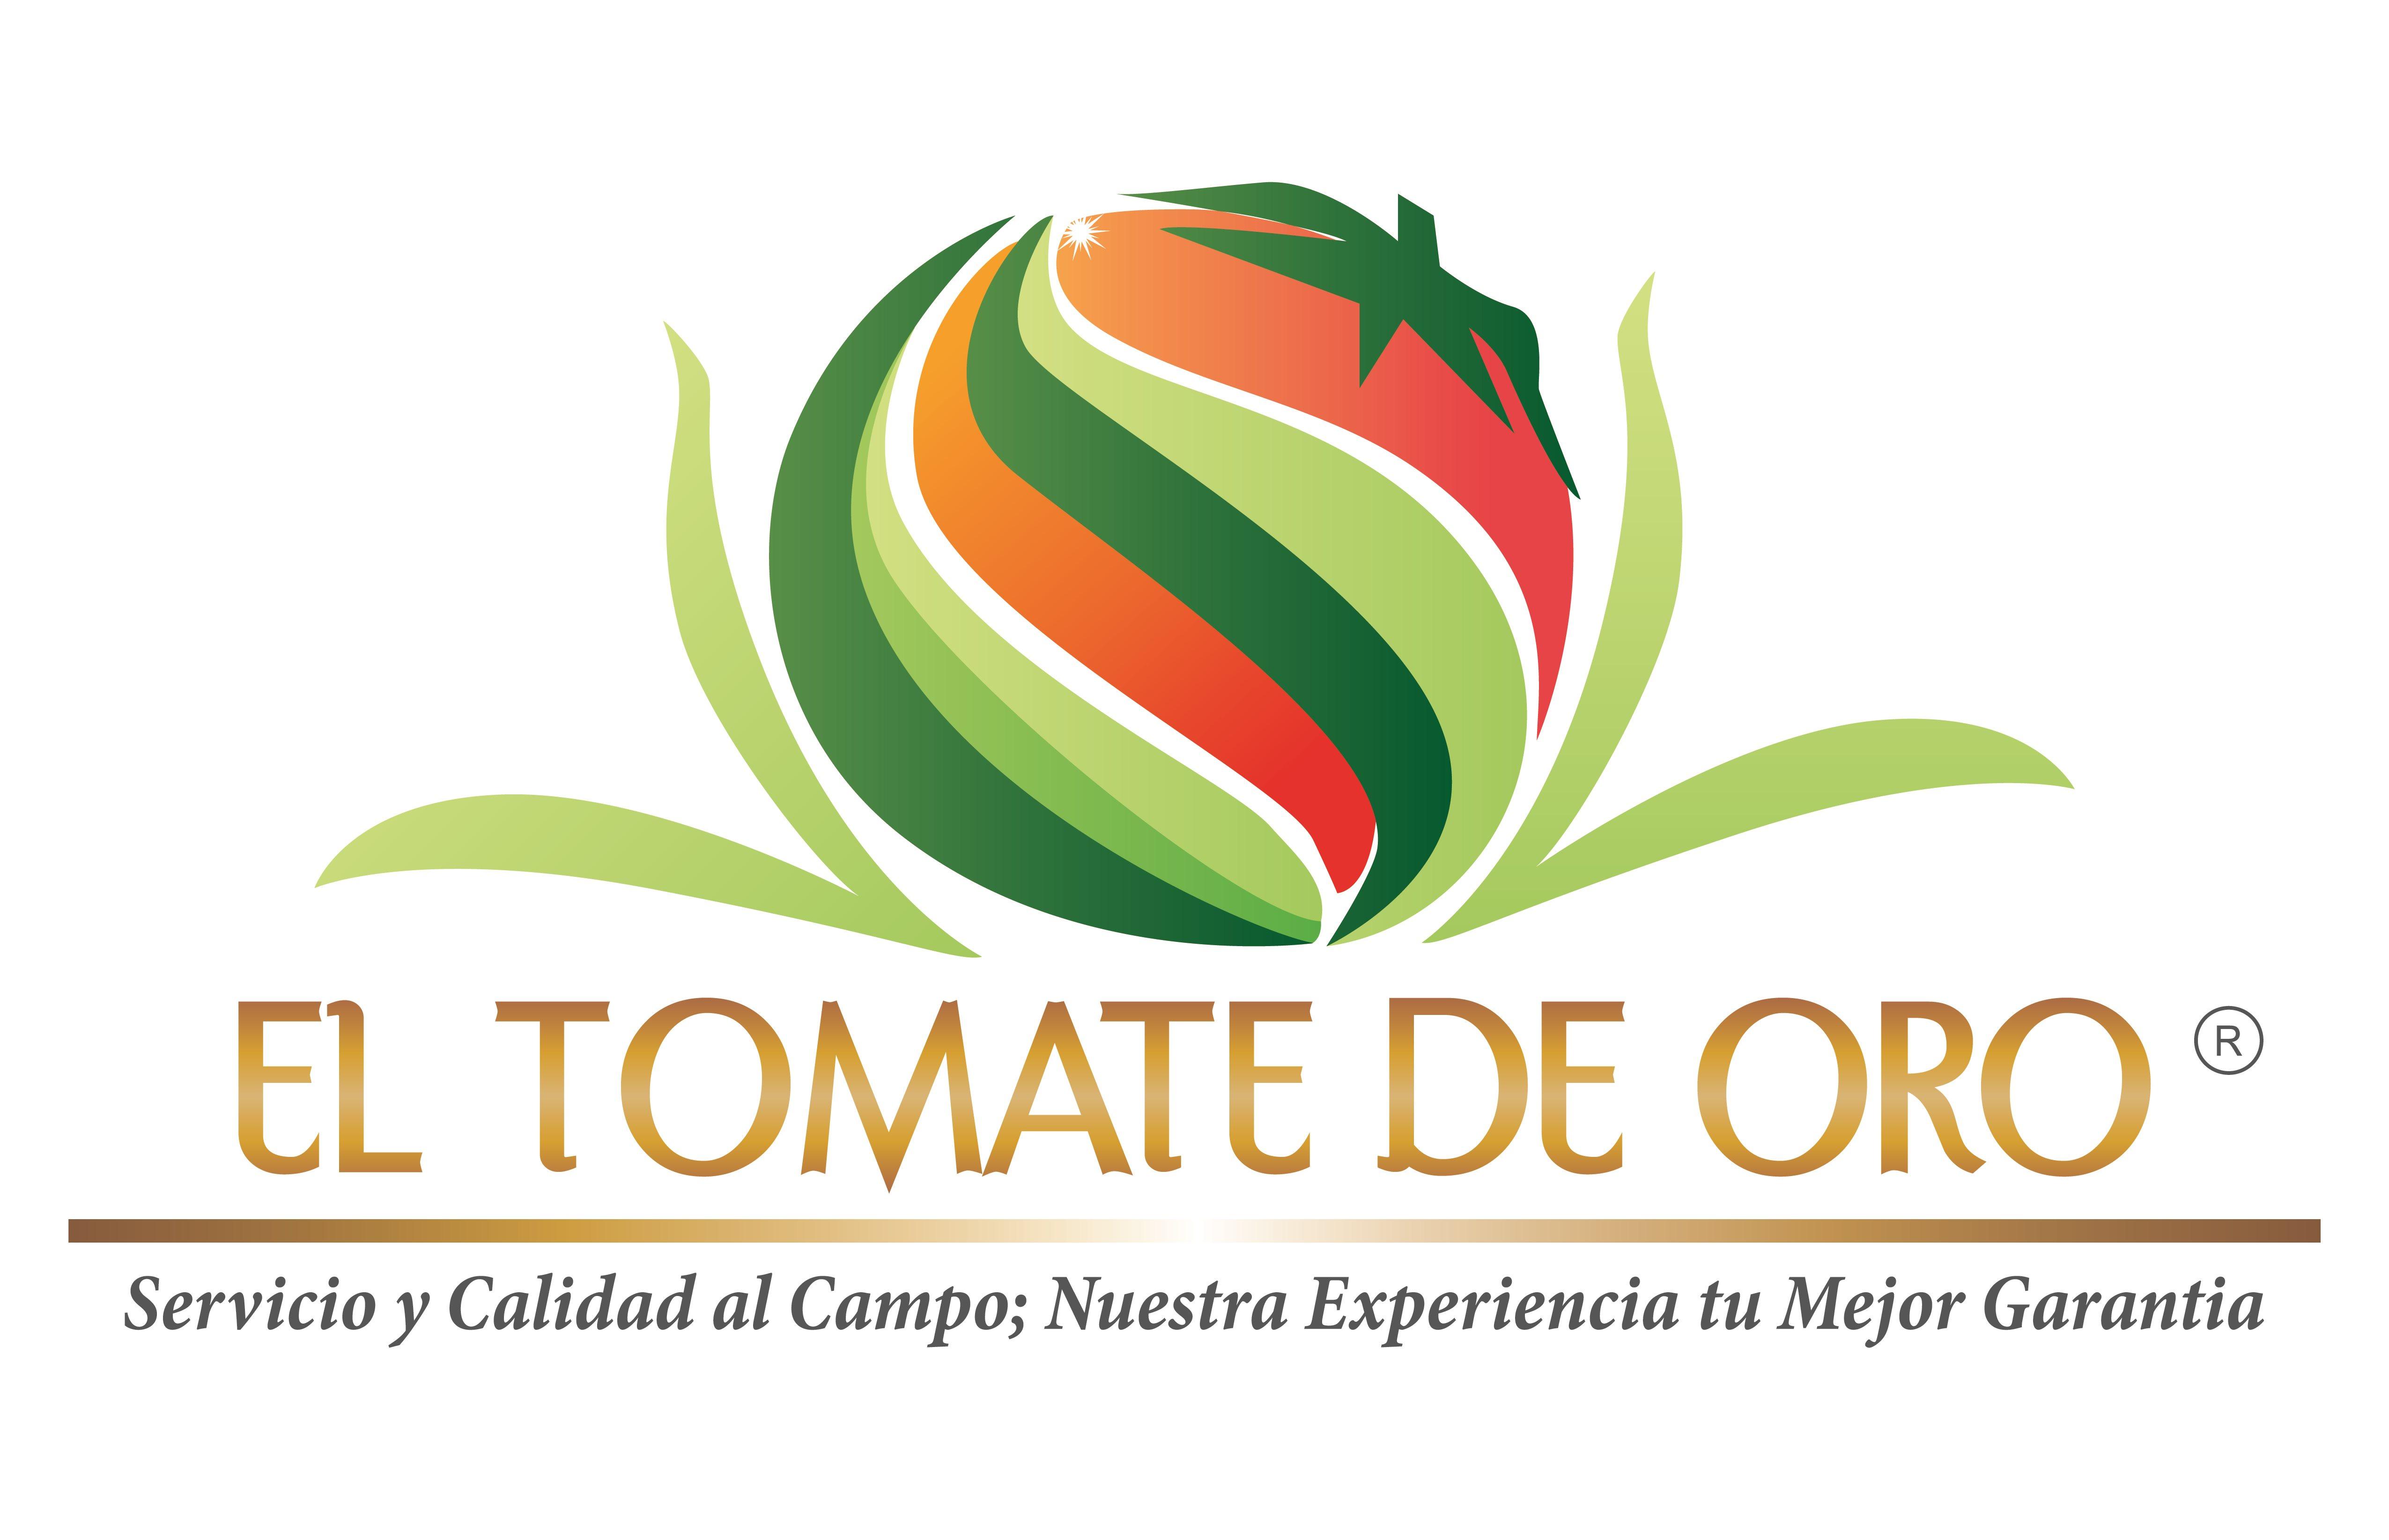 EL TOMATE DE ORO